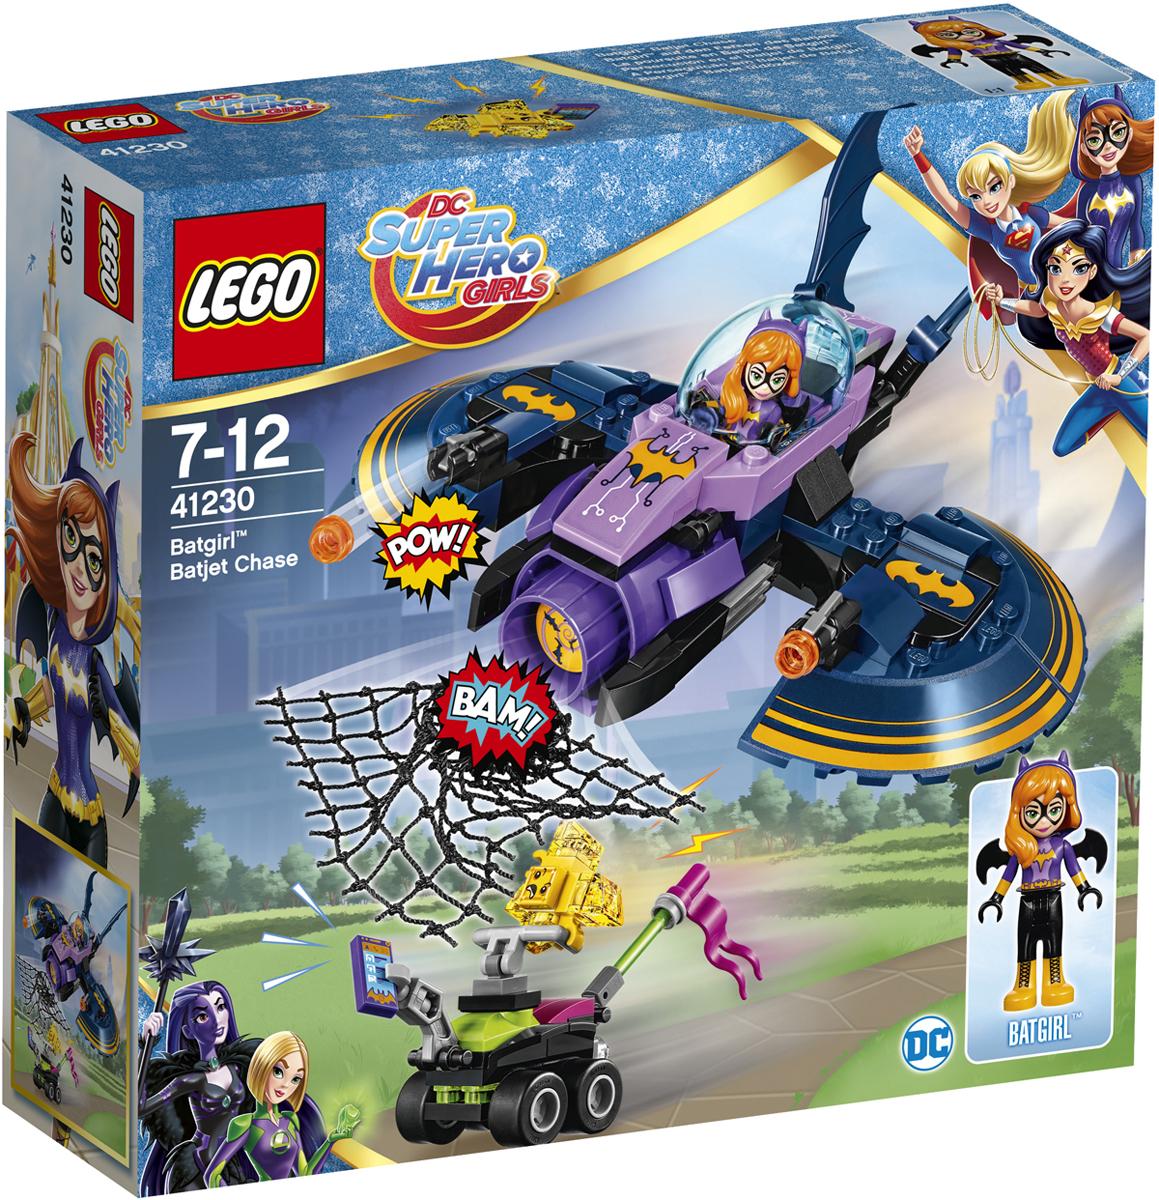 LEGO DC Super Hero Girls Конструктор Бэтгерл погоня на реактивном самолете 41230 велосипед navigator super hero girls 18 разноцветный двухколёсный